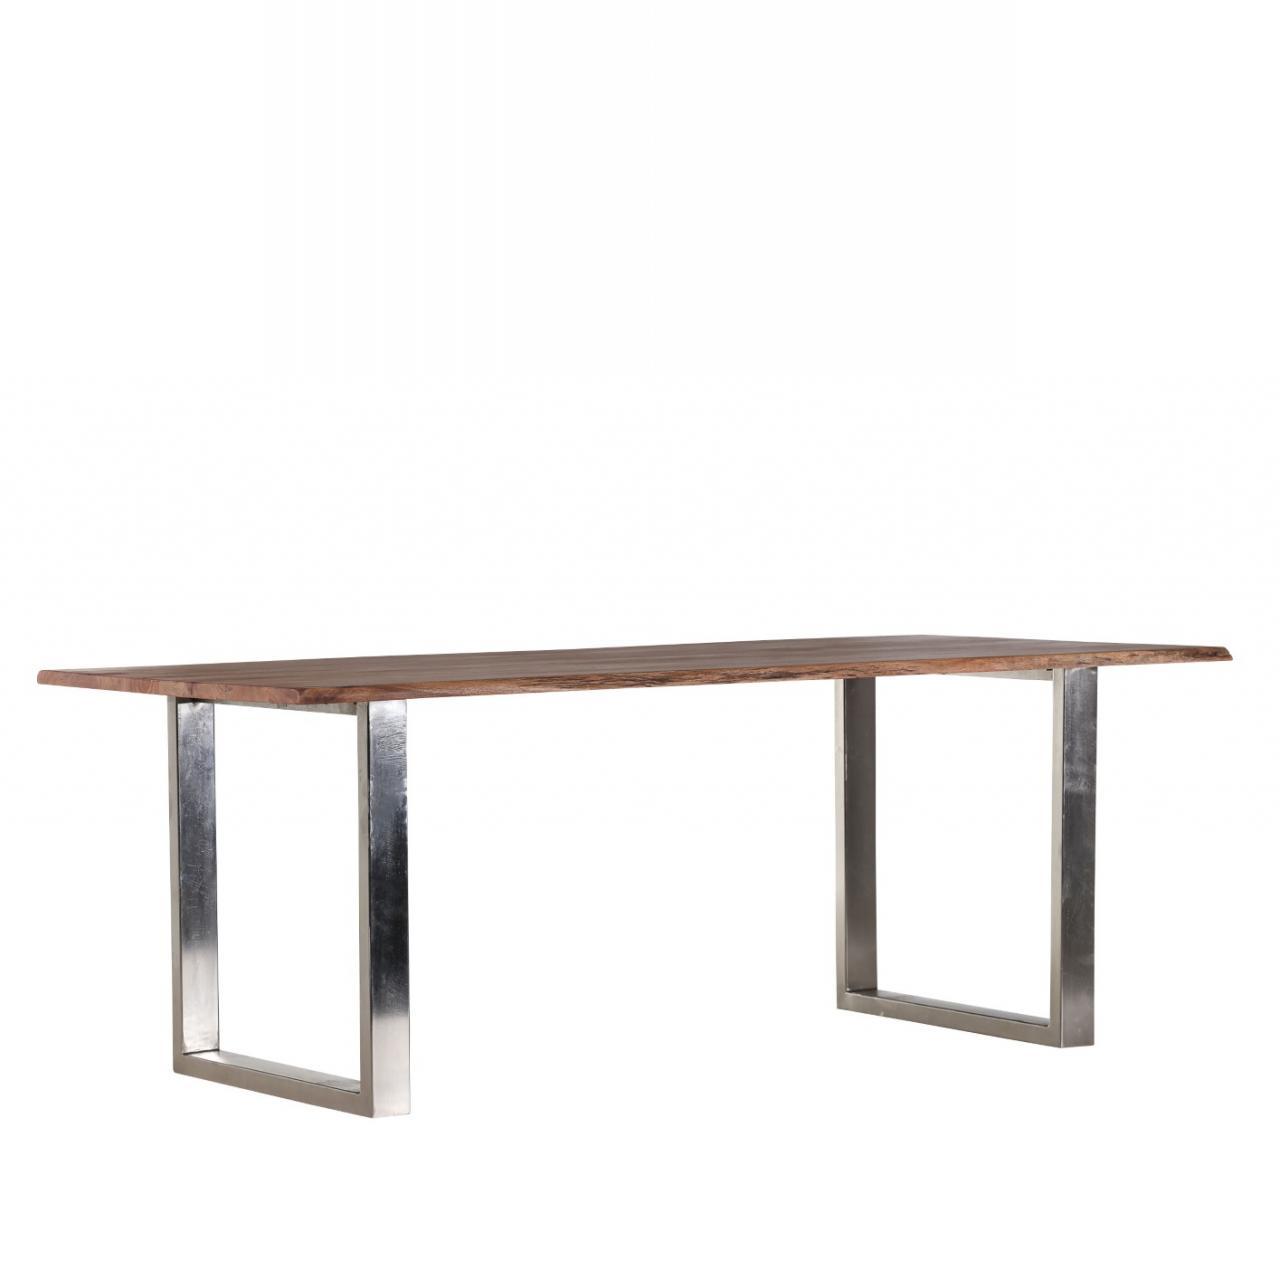 Esstisch Edge 200 x 100 cm Akazie Massivholz Küchentisch U-Form Beine